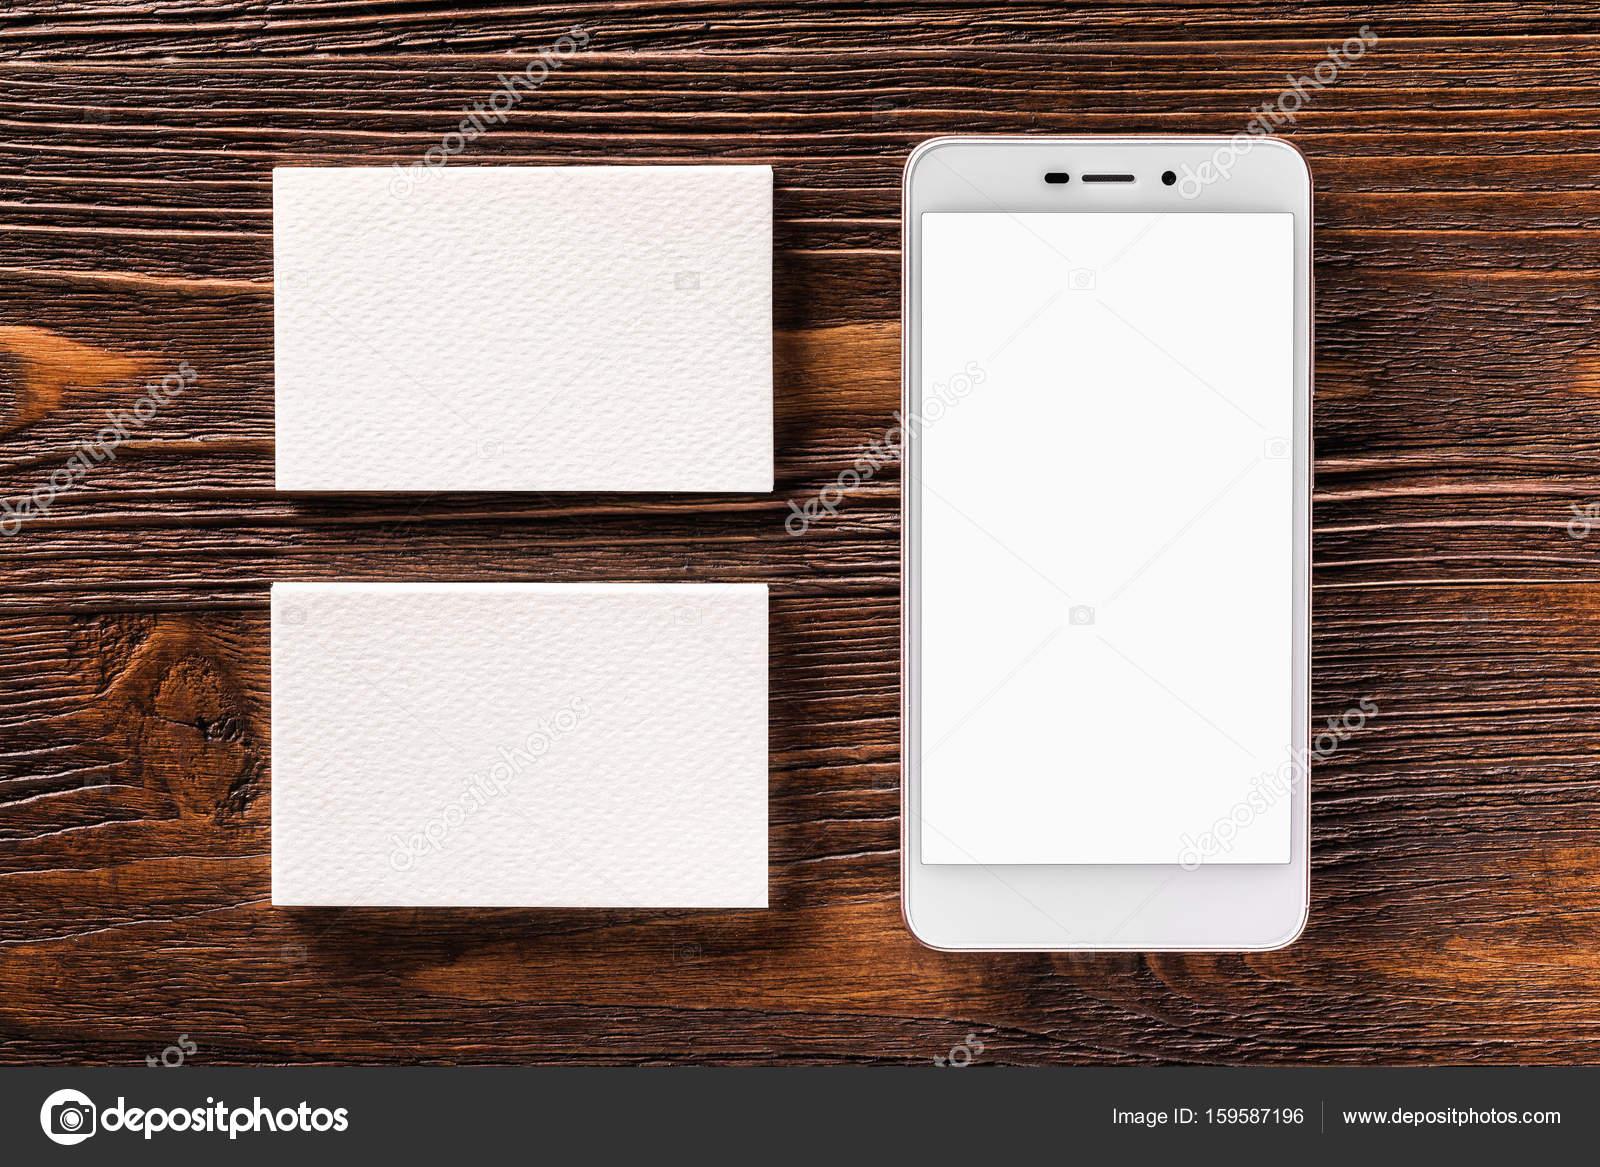 Maquette Du Telephone Portable Et Deux Cartes De Visite Au Fond La Planche Bois Brun Image Mayatnik63